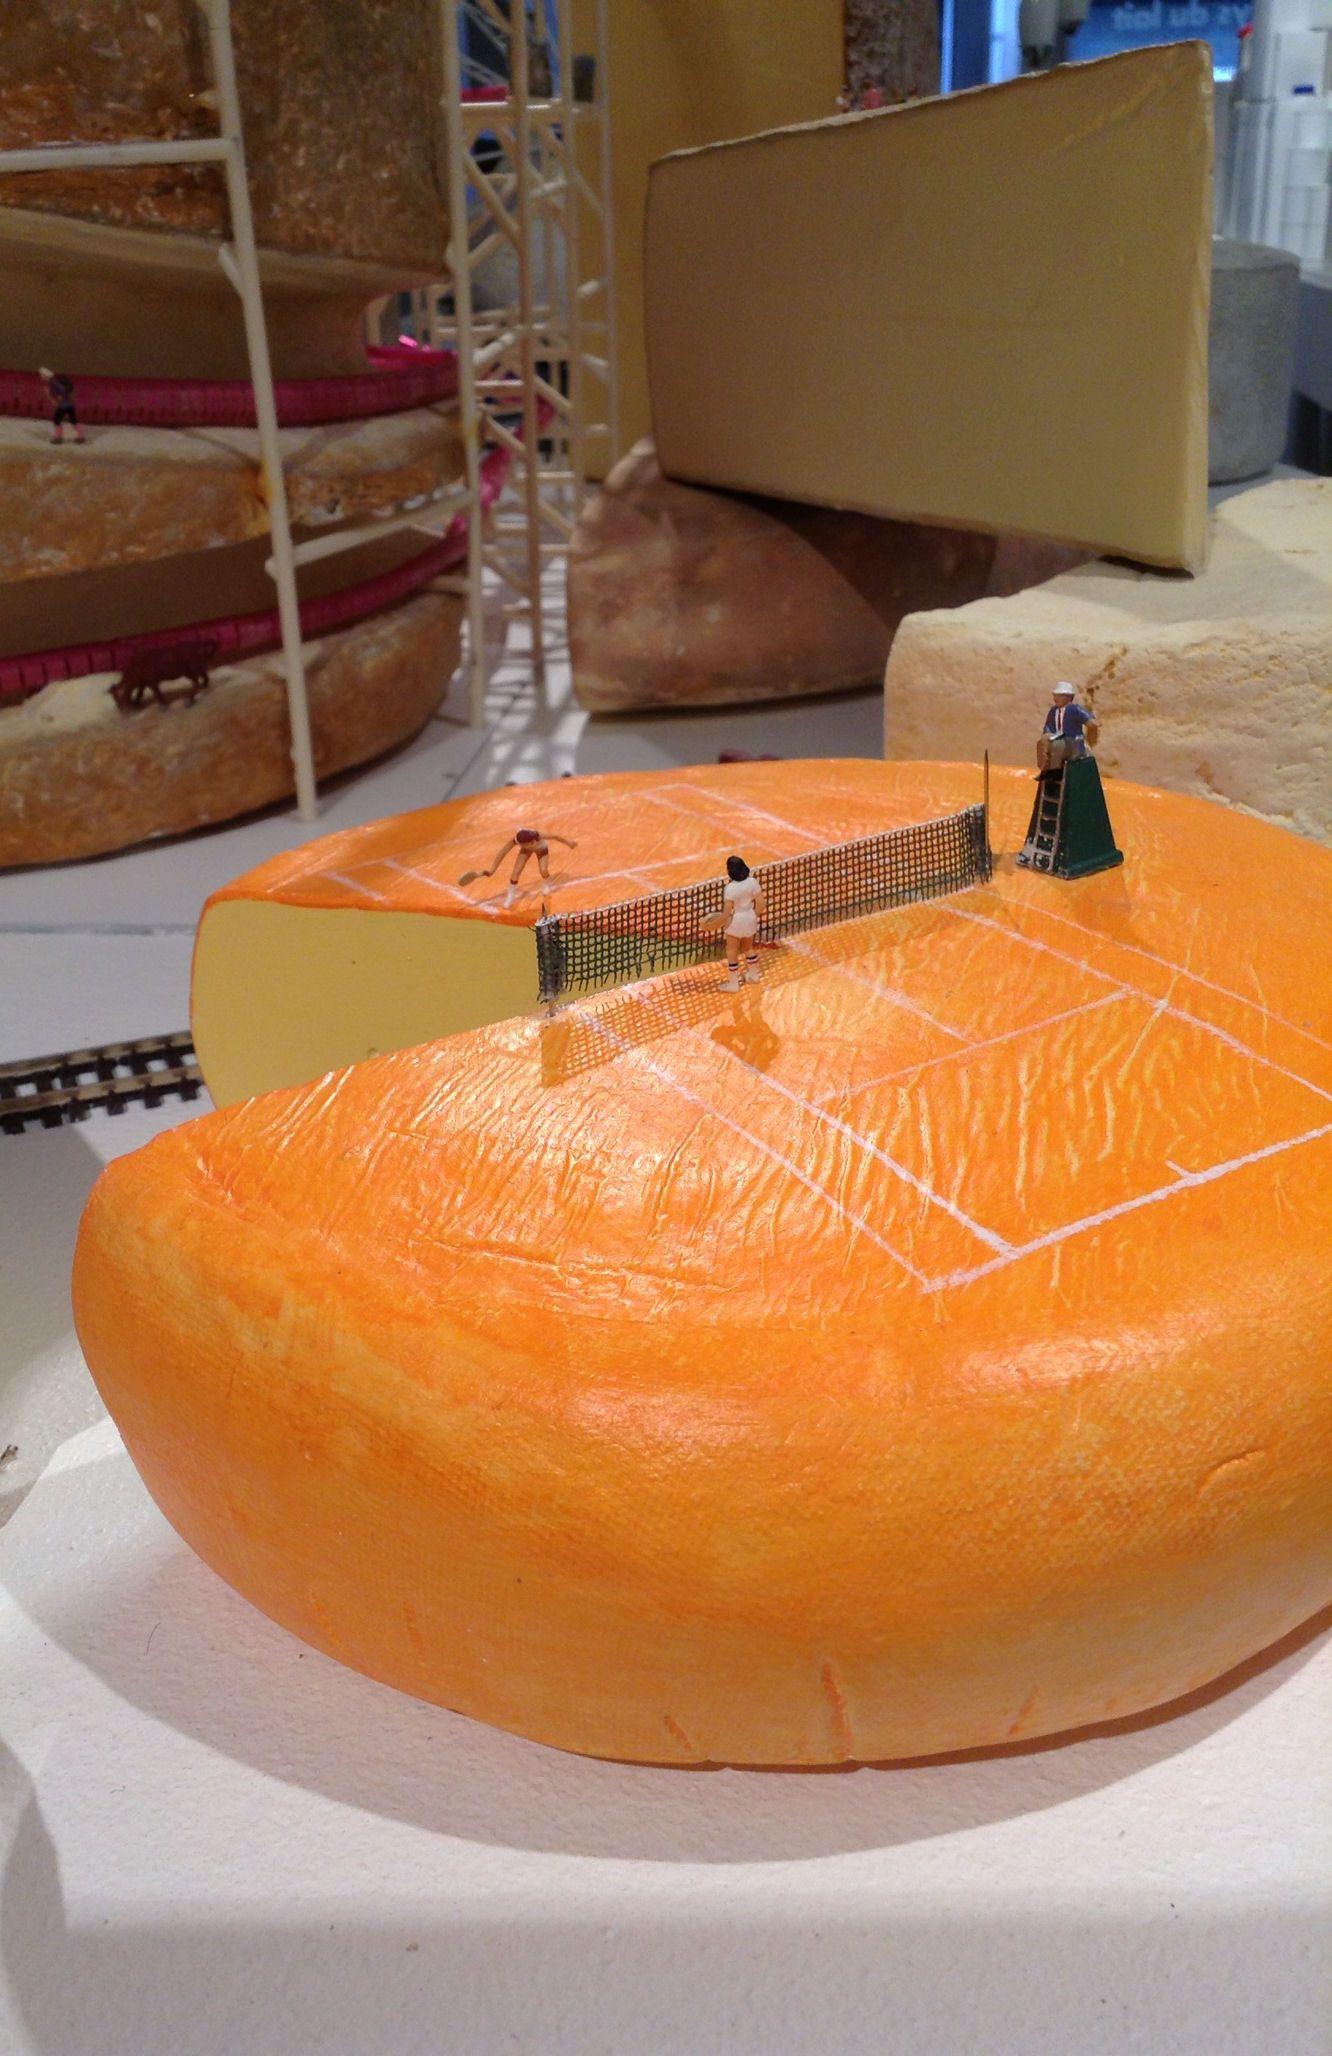 """Nouveau tournoi du Grand Chelem : le """"fromage open""""... ou quand les Minimiams se challengent sur une meule odorante... http://cuisine.journaldesfemmes.com/gastronomie/balade-au-pays-des-minimiams/fromage-open.shtml"""